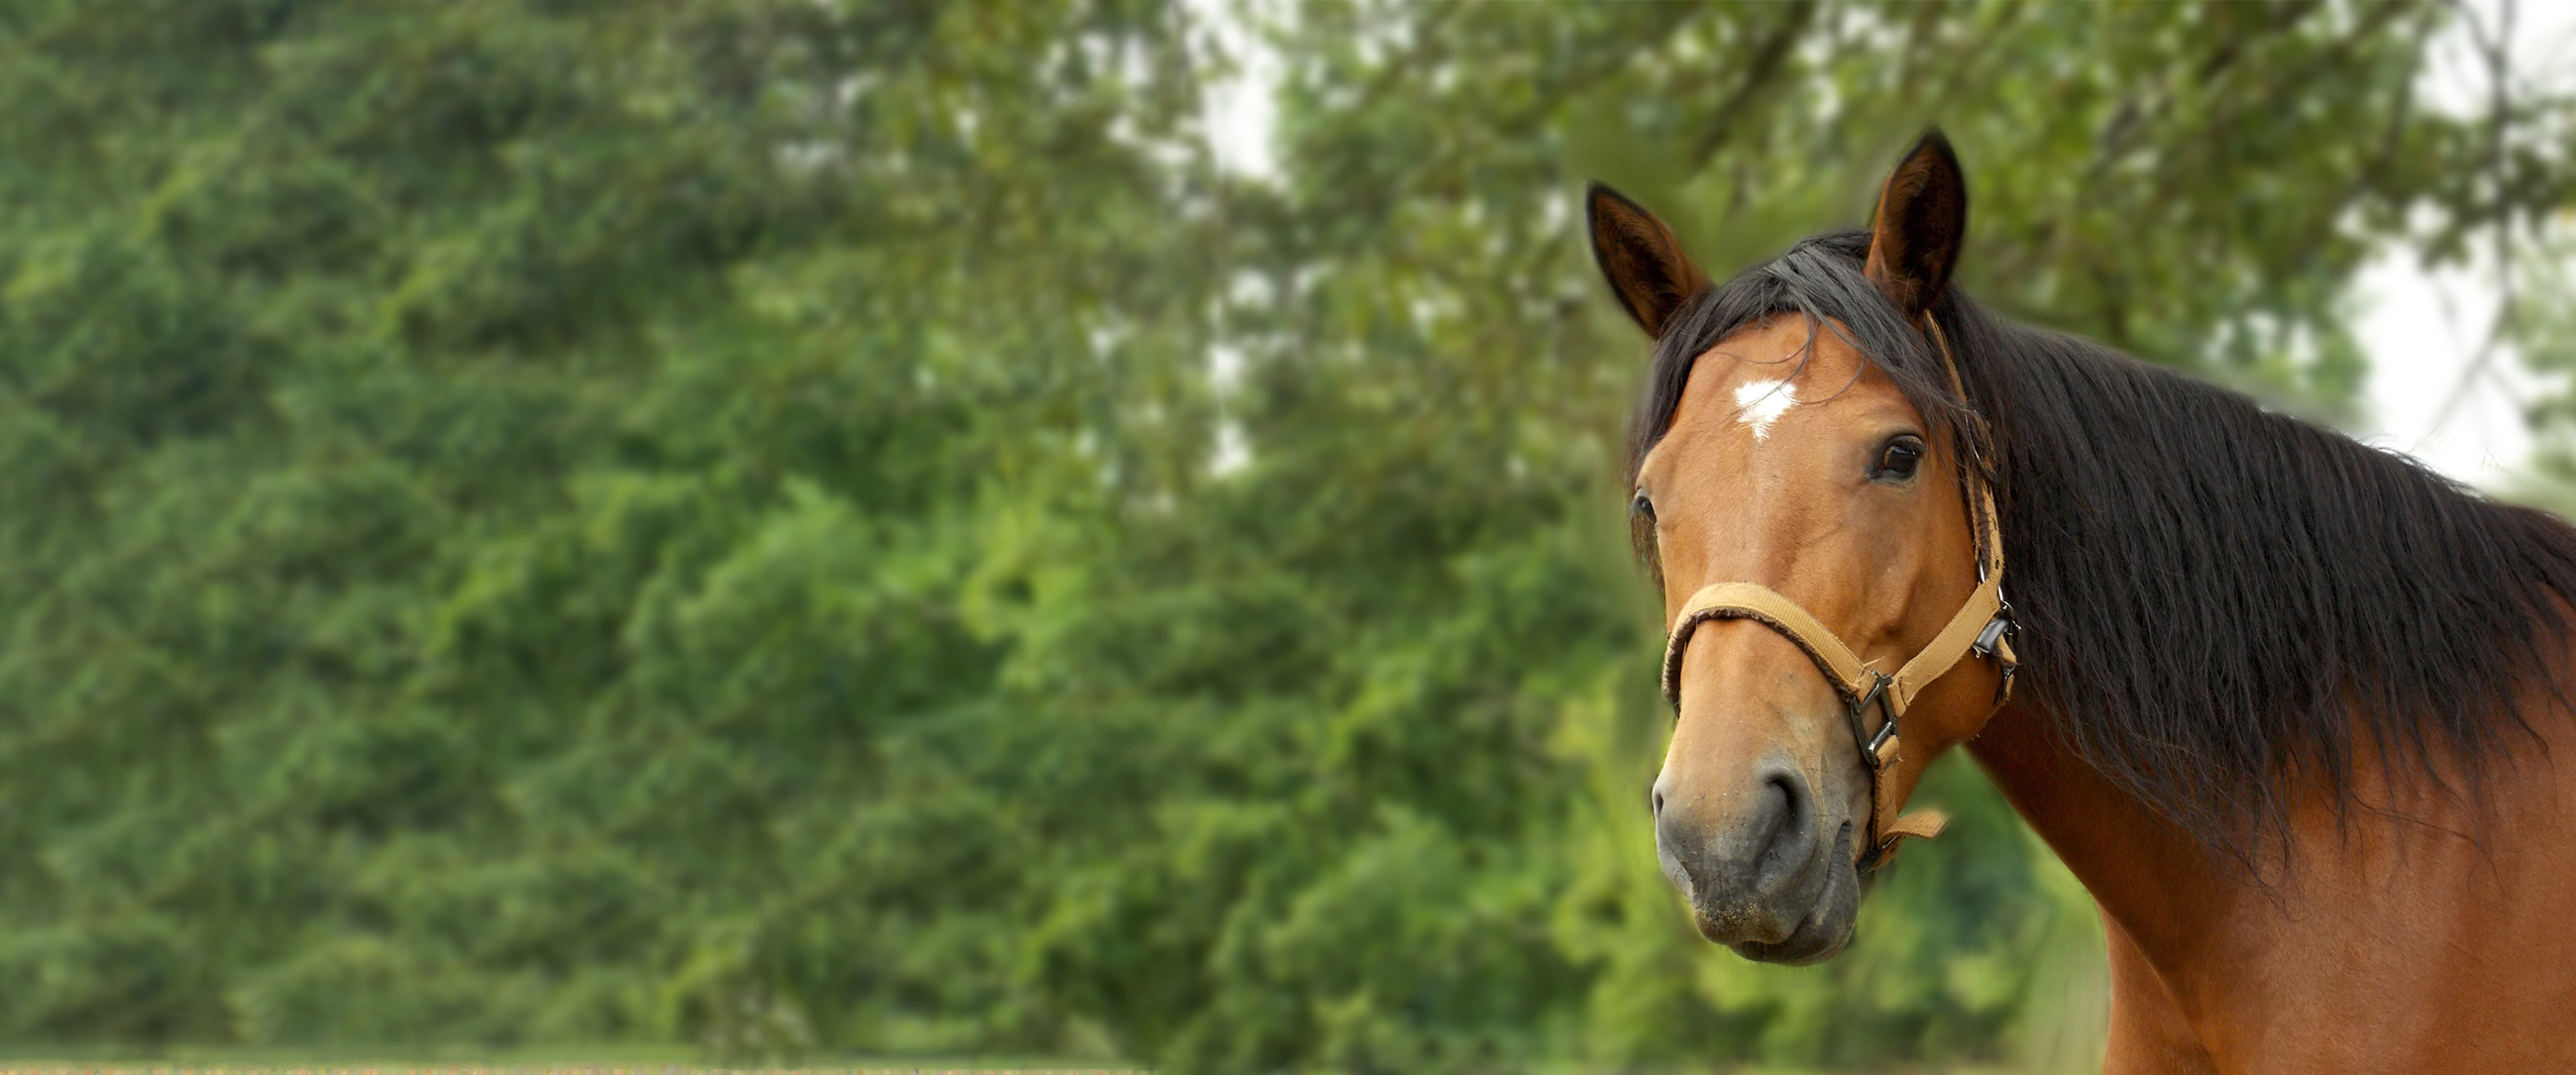 Equine Dermatology Case Studies Part 1 – Page